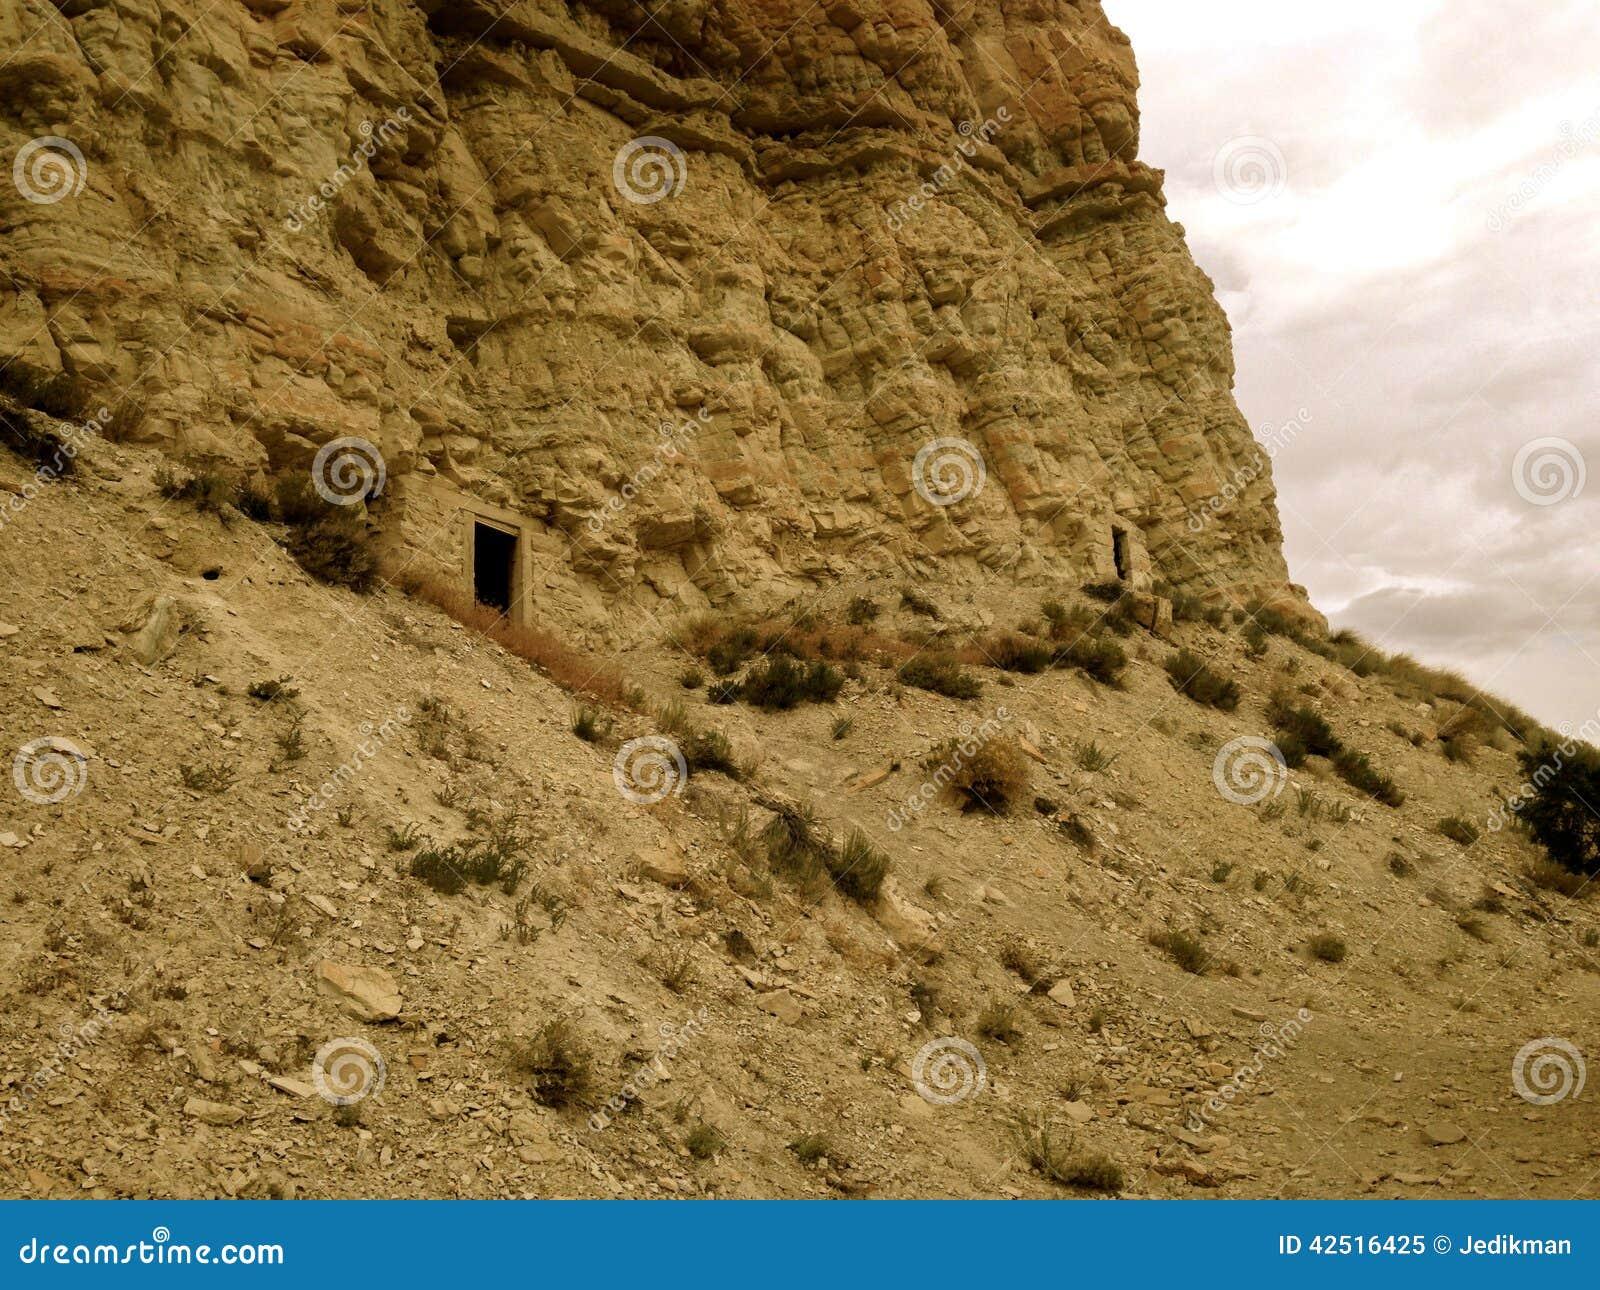 Abandoned Mines Near Salina Utah Stock Photo Image